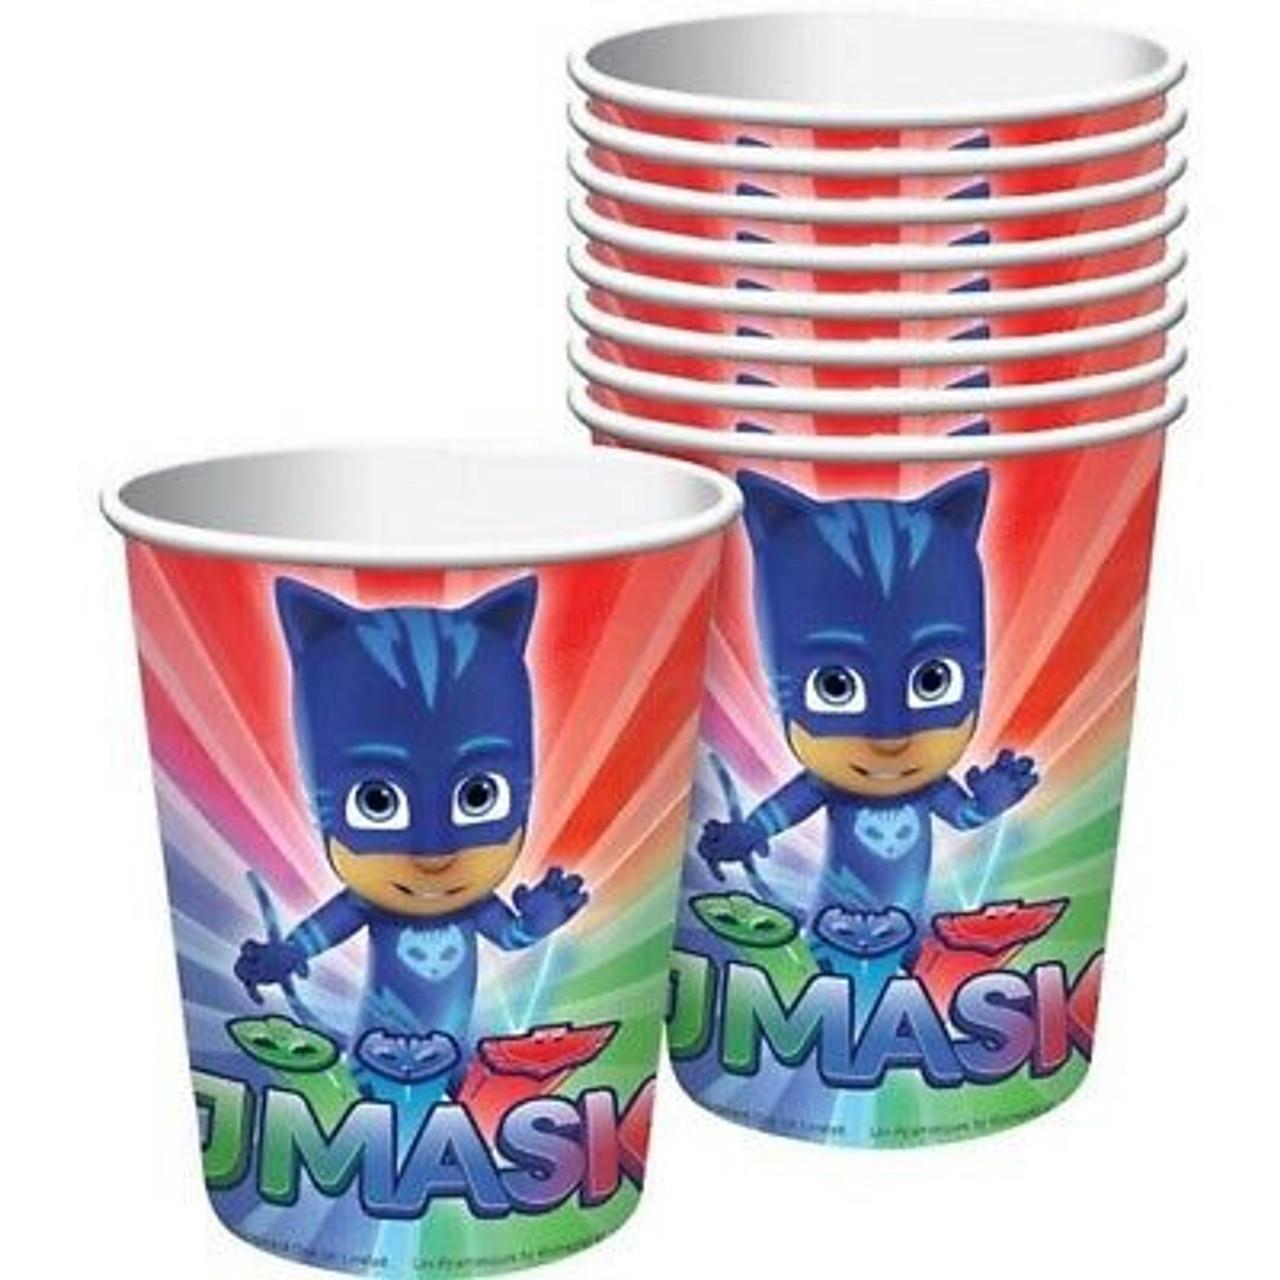 PJ MASKS CUPS 9OZ